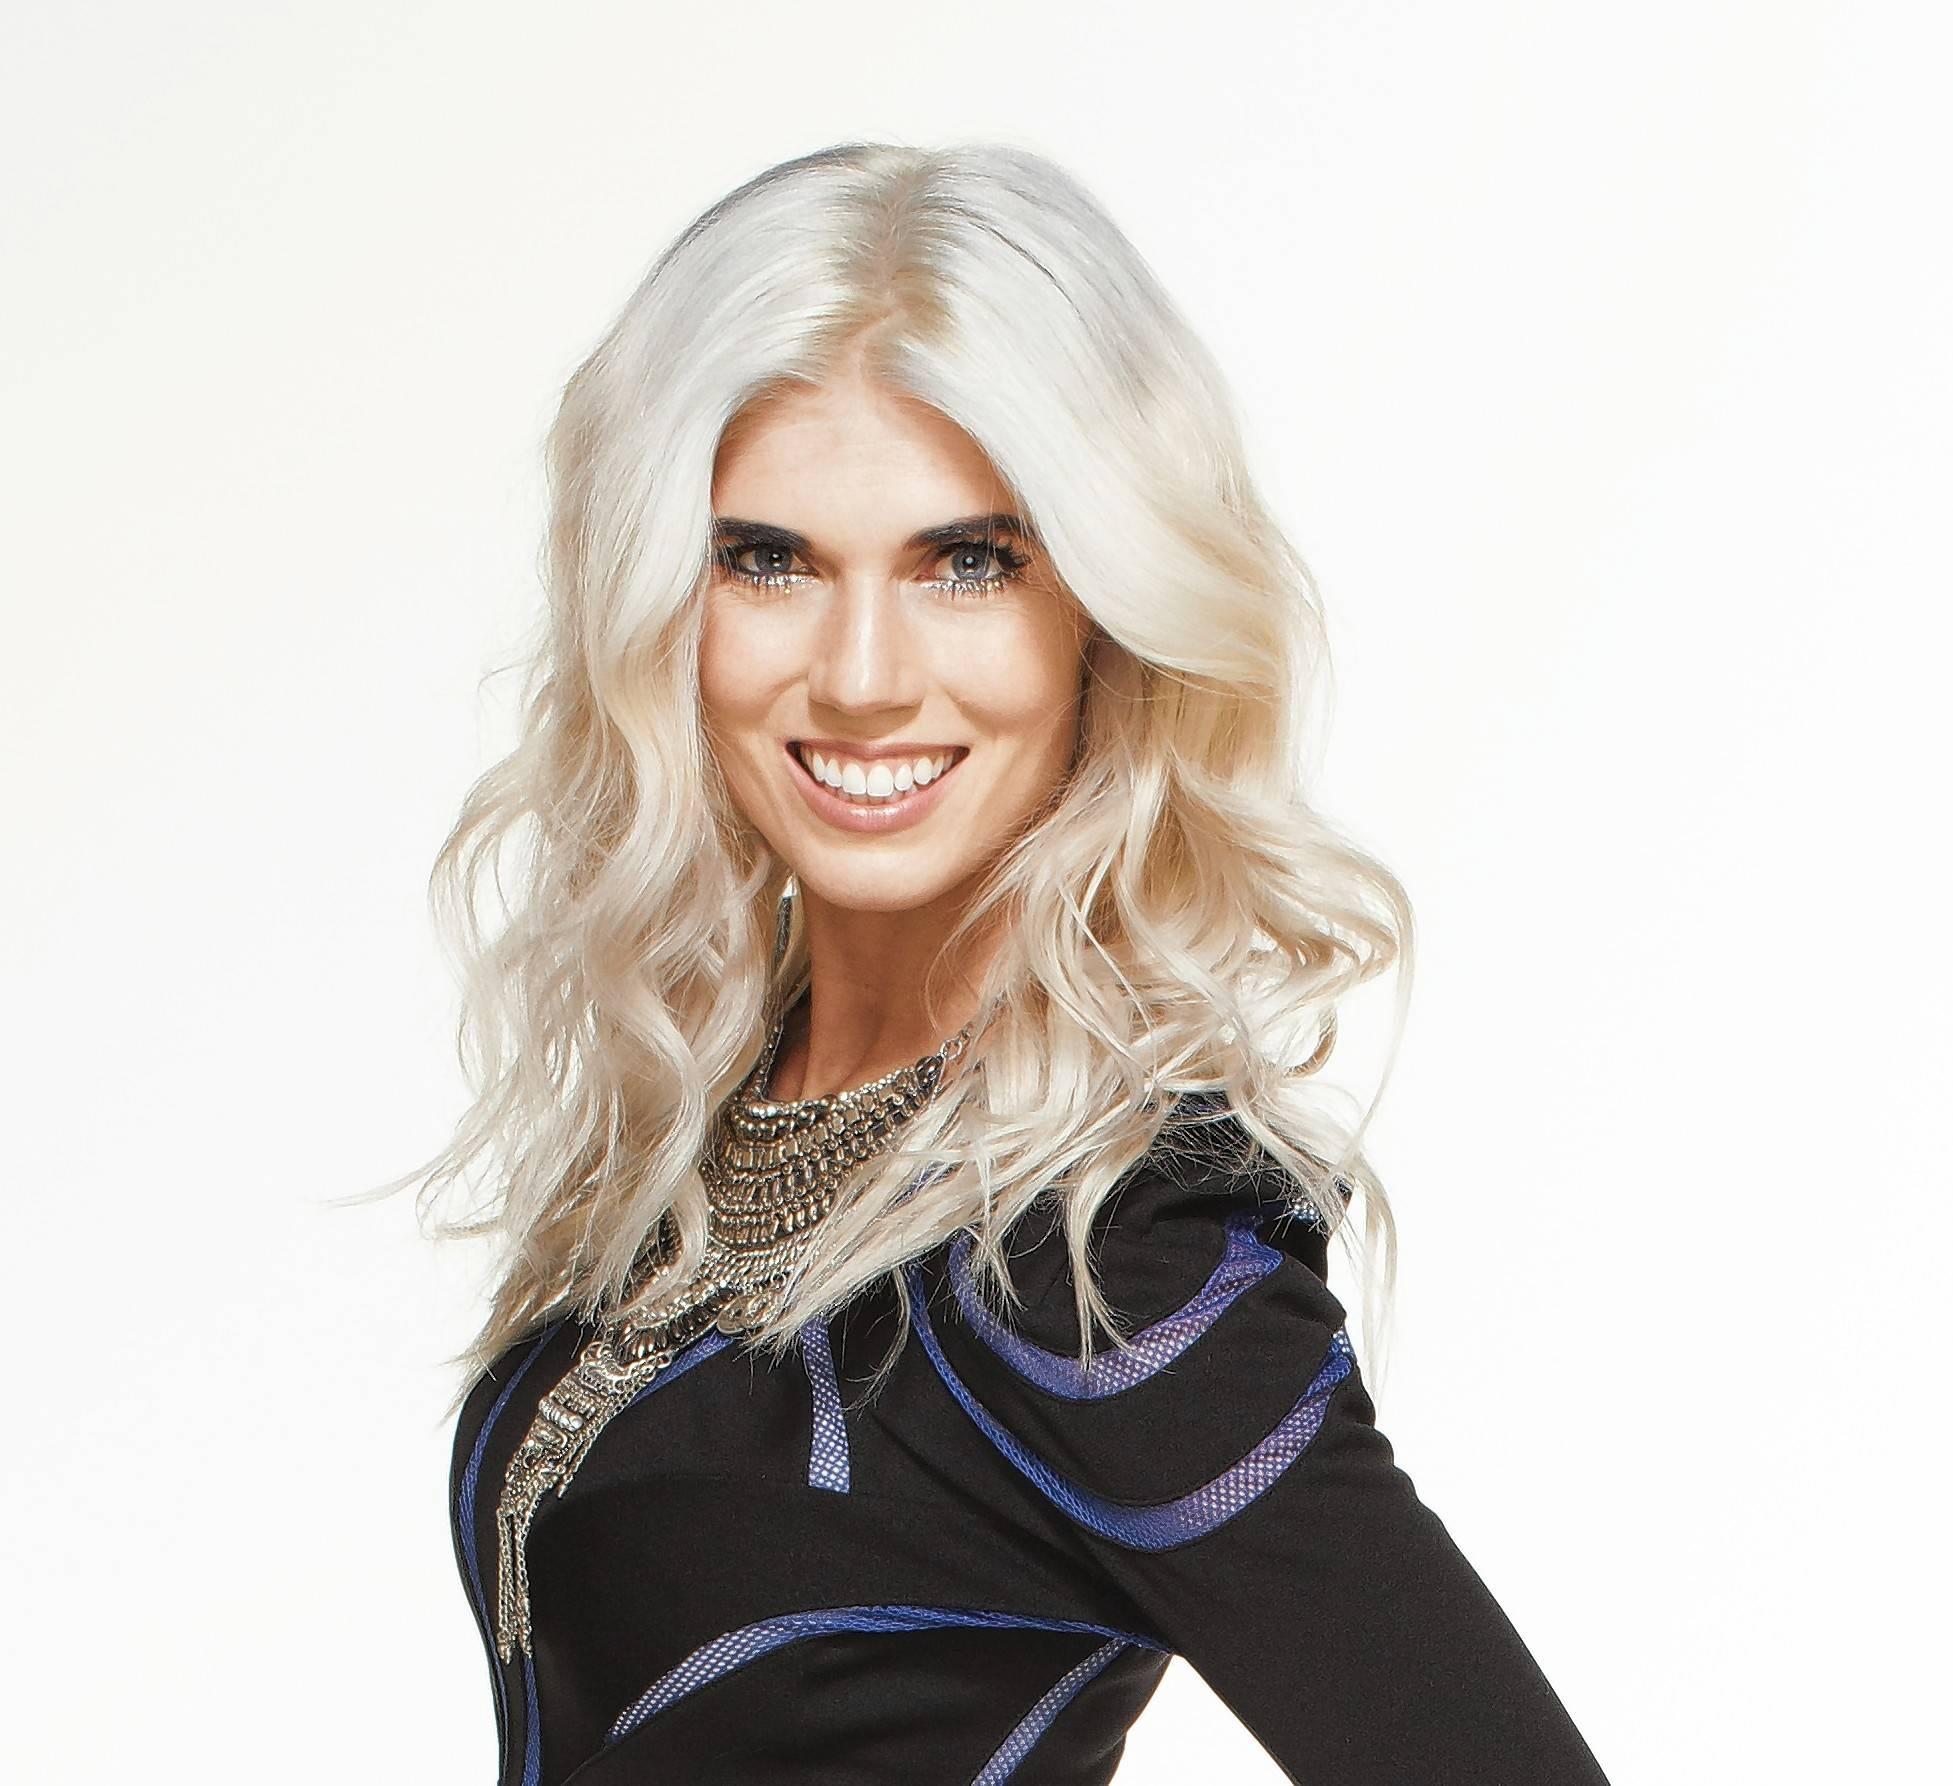 Julianna Zobrist